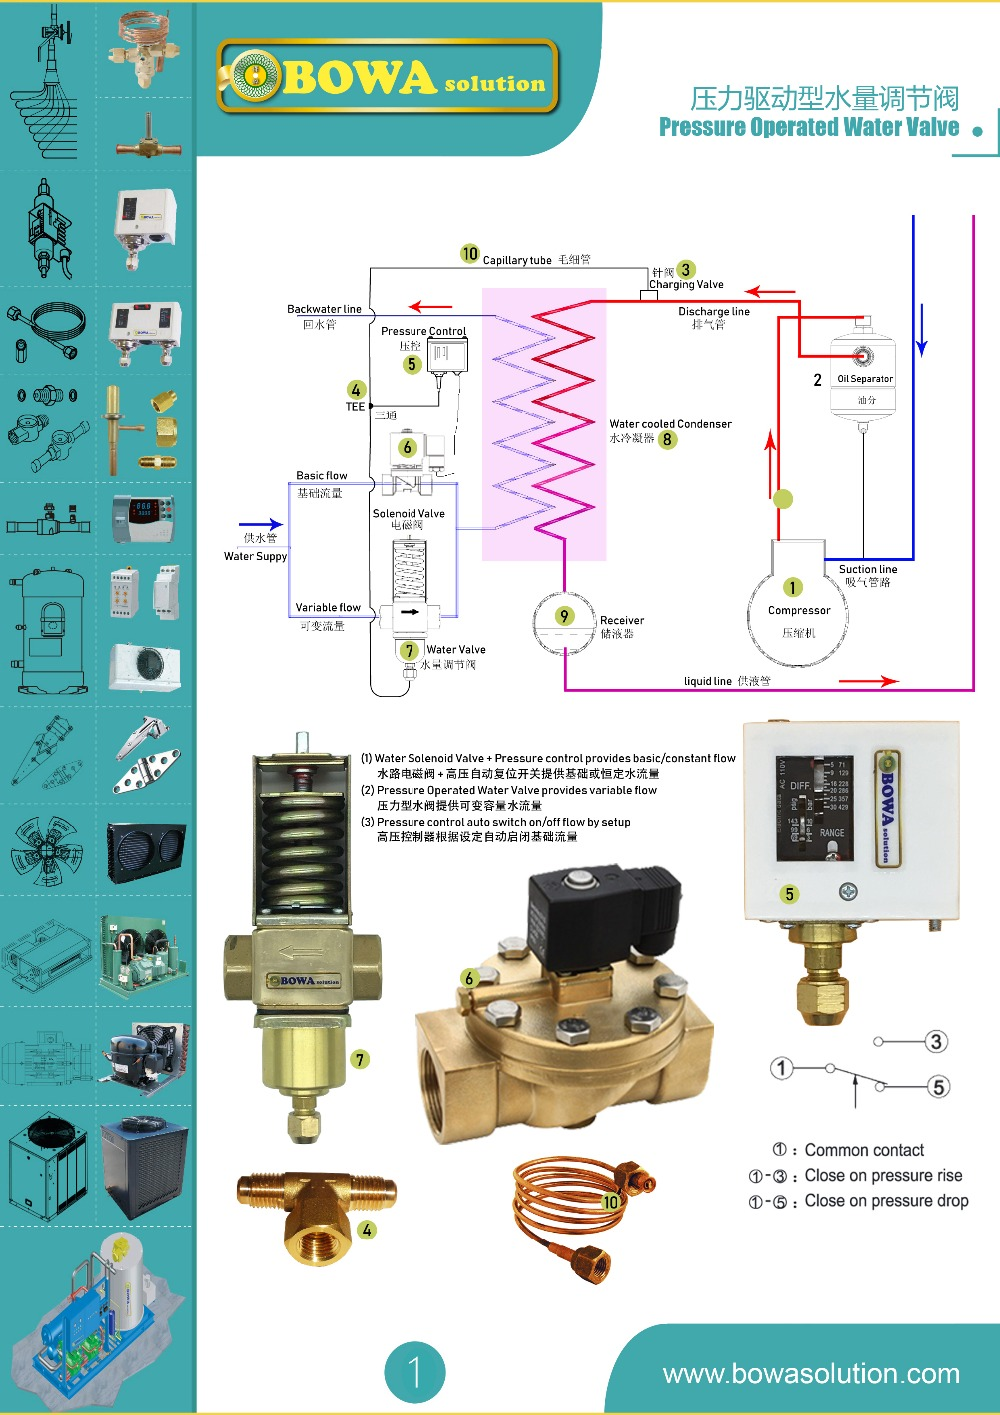 Сепаратор масла с капиллярной дроссельной заслонкой-это специальная конструкция для небольших герметичных компрессорных морозильников, чтобы успешно вернуть масло